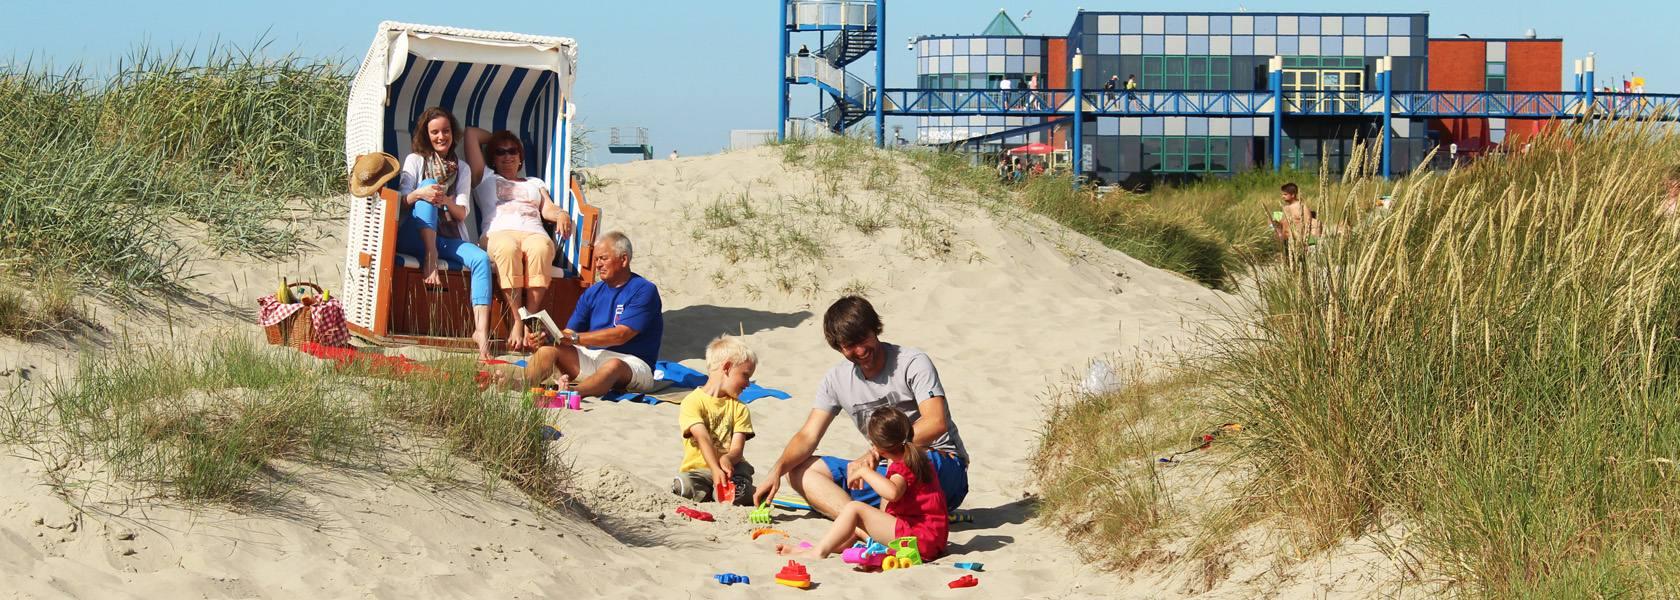 Familienstrand in Norddeich, © Tourismus Service Norddeich